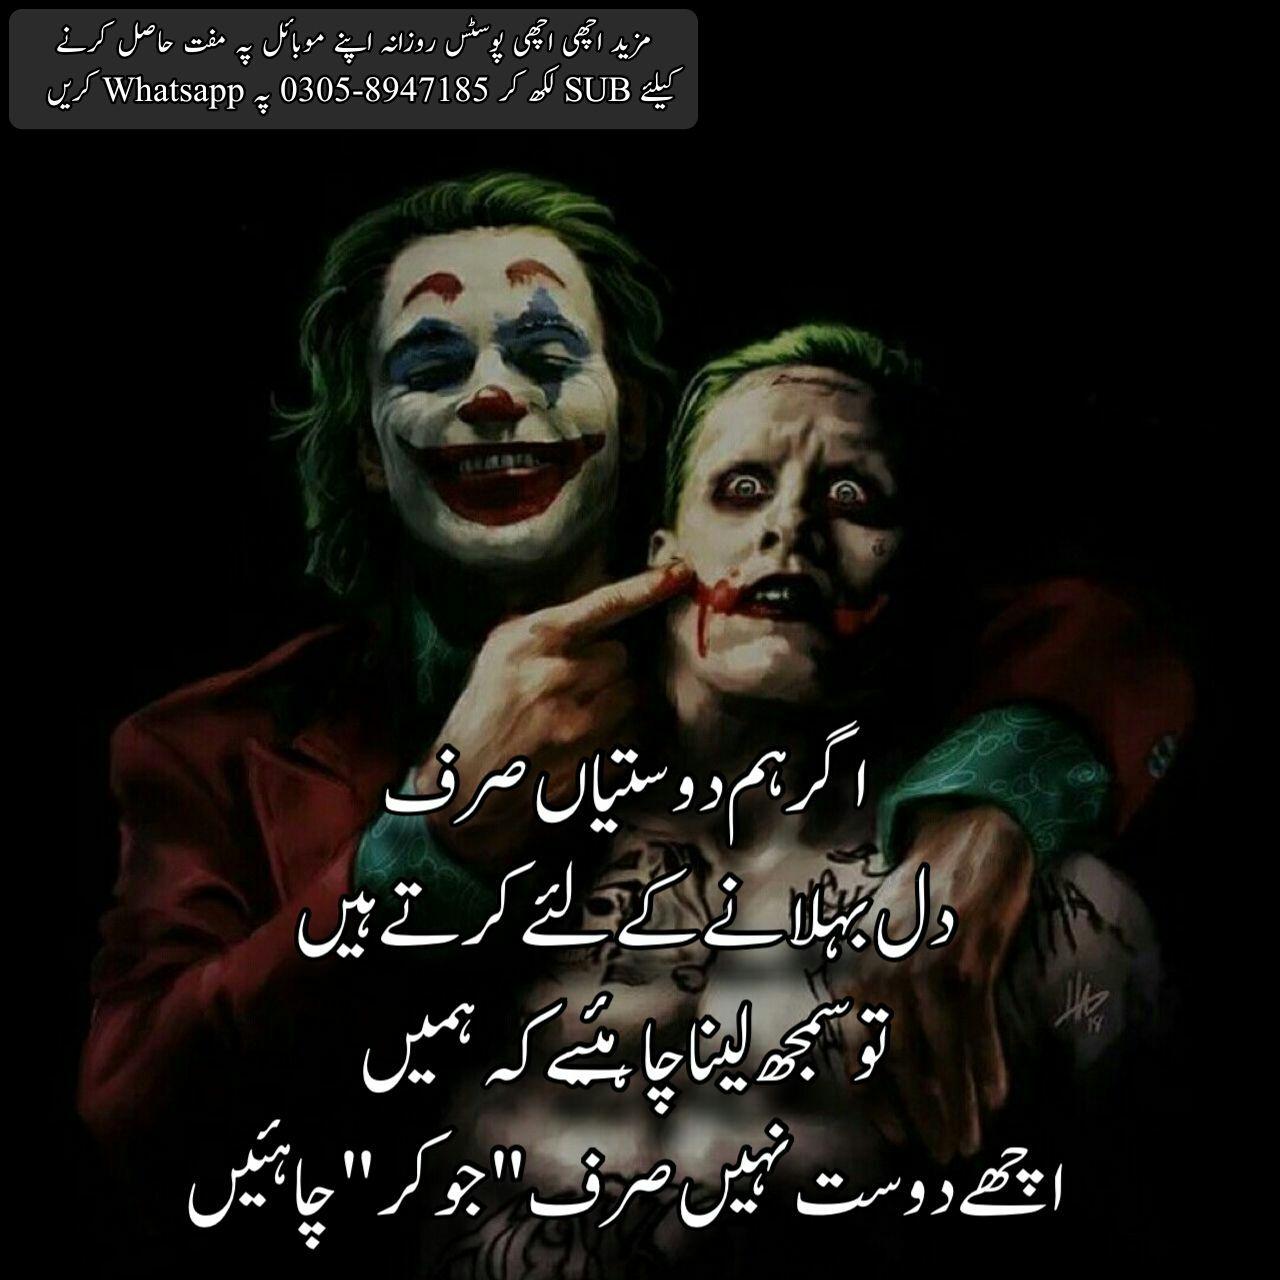 Dost Nahin Joker Friendship Urdu Quotes Urdu Funny Quotes Joker Quotes Best Quotes